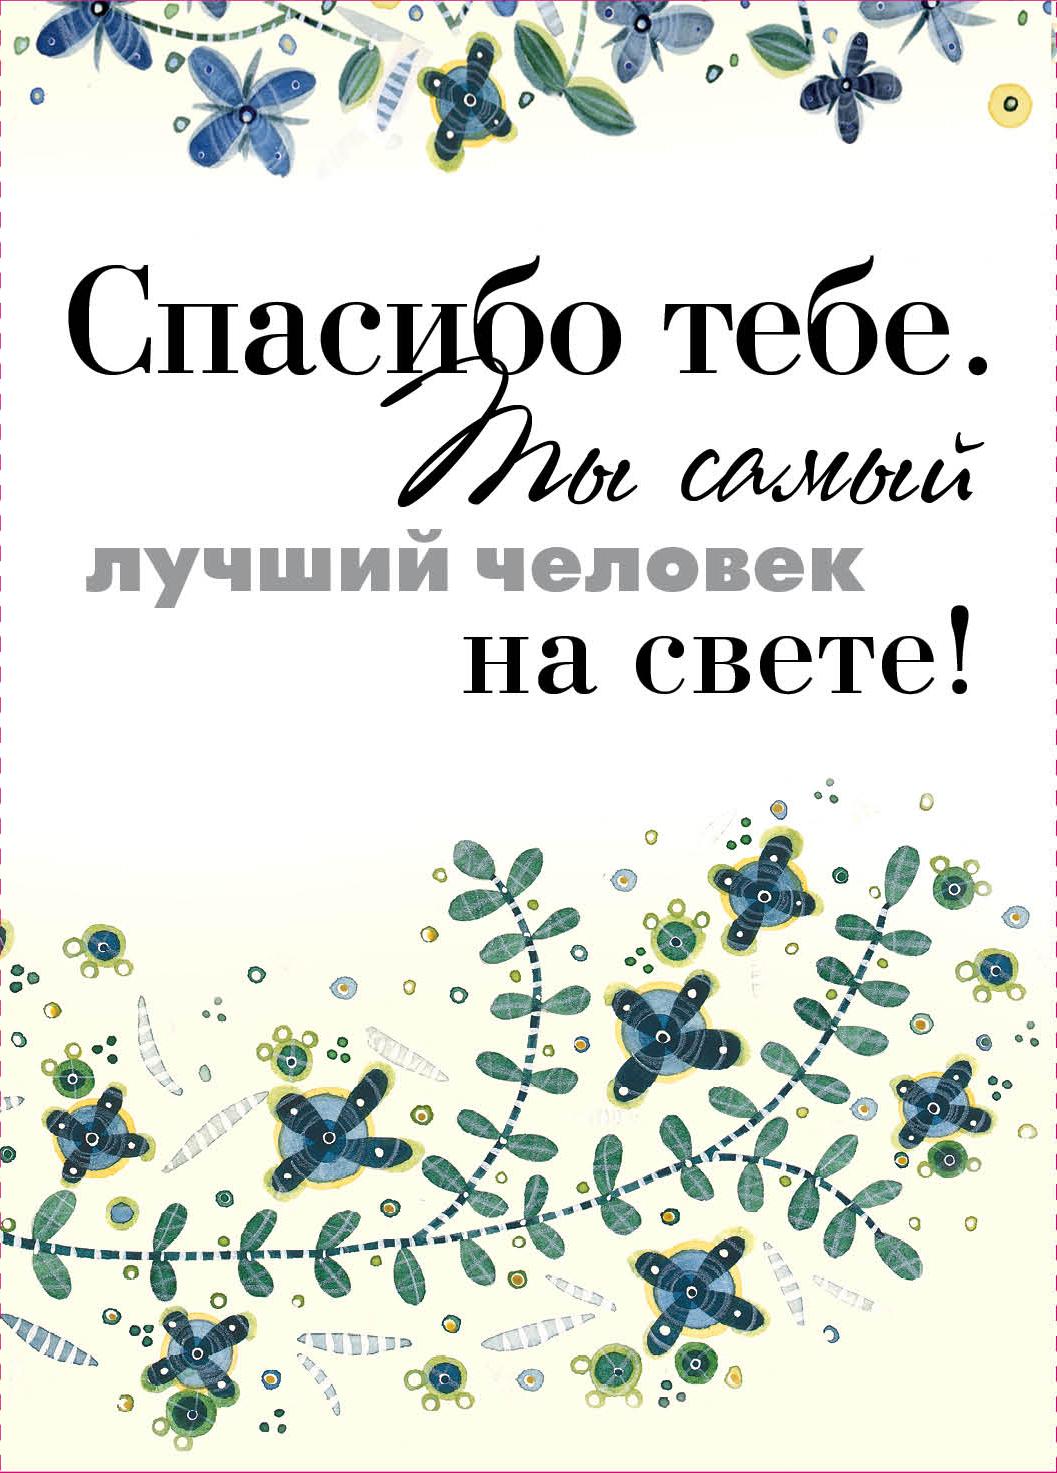 Купить Спасибо тебе. Ты самый лучший человек на свете!, Ольга Епифанова, 978-5-699-76188-3